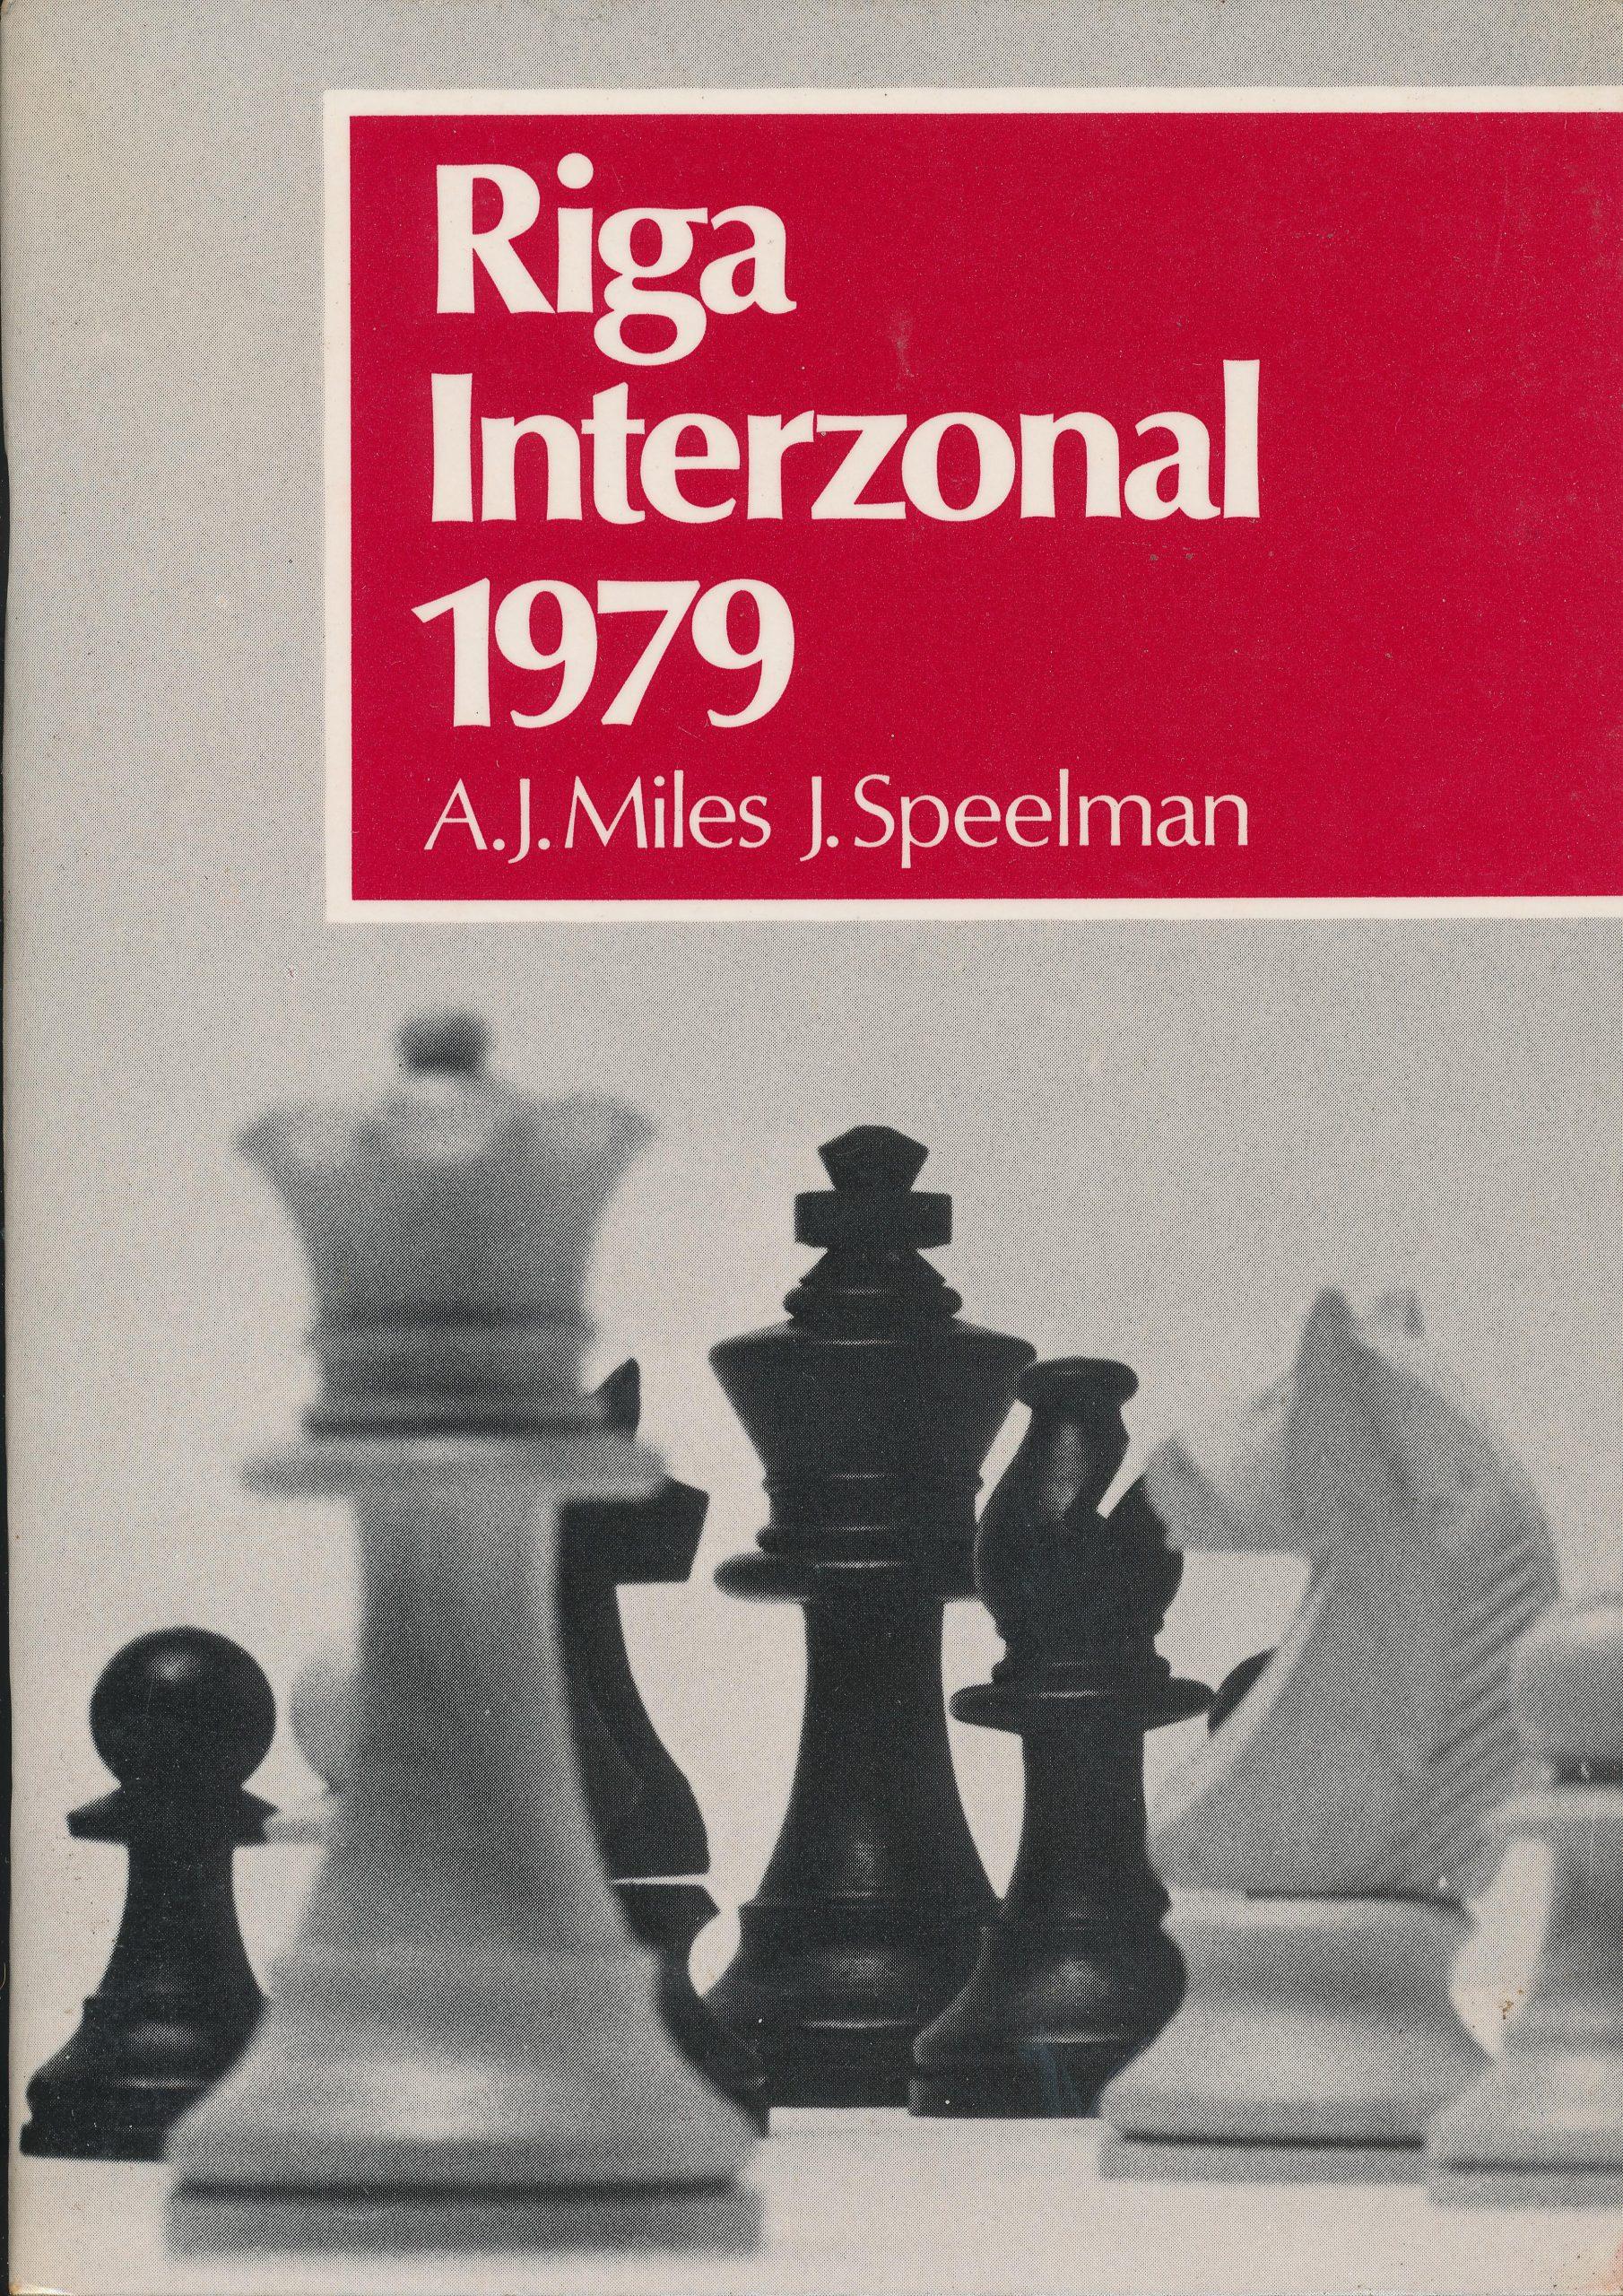 Riga Interzonal 1979, AJ Miles & J Speelman, Batsford, 1979, ISBN 0 7134 3429 5